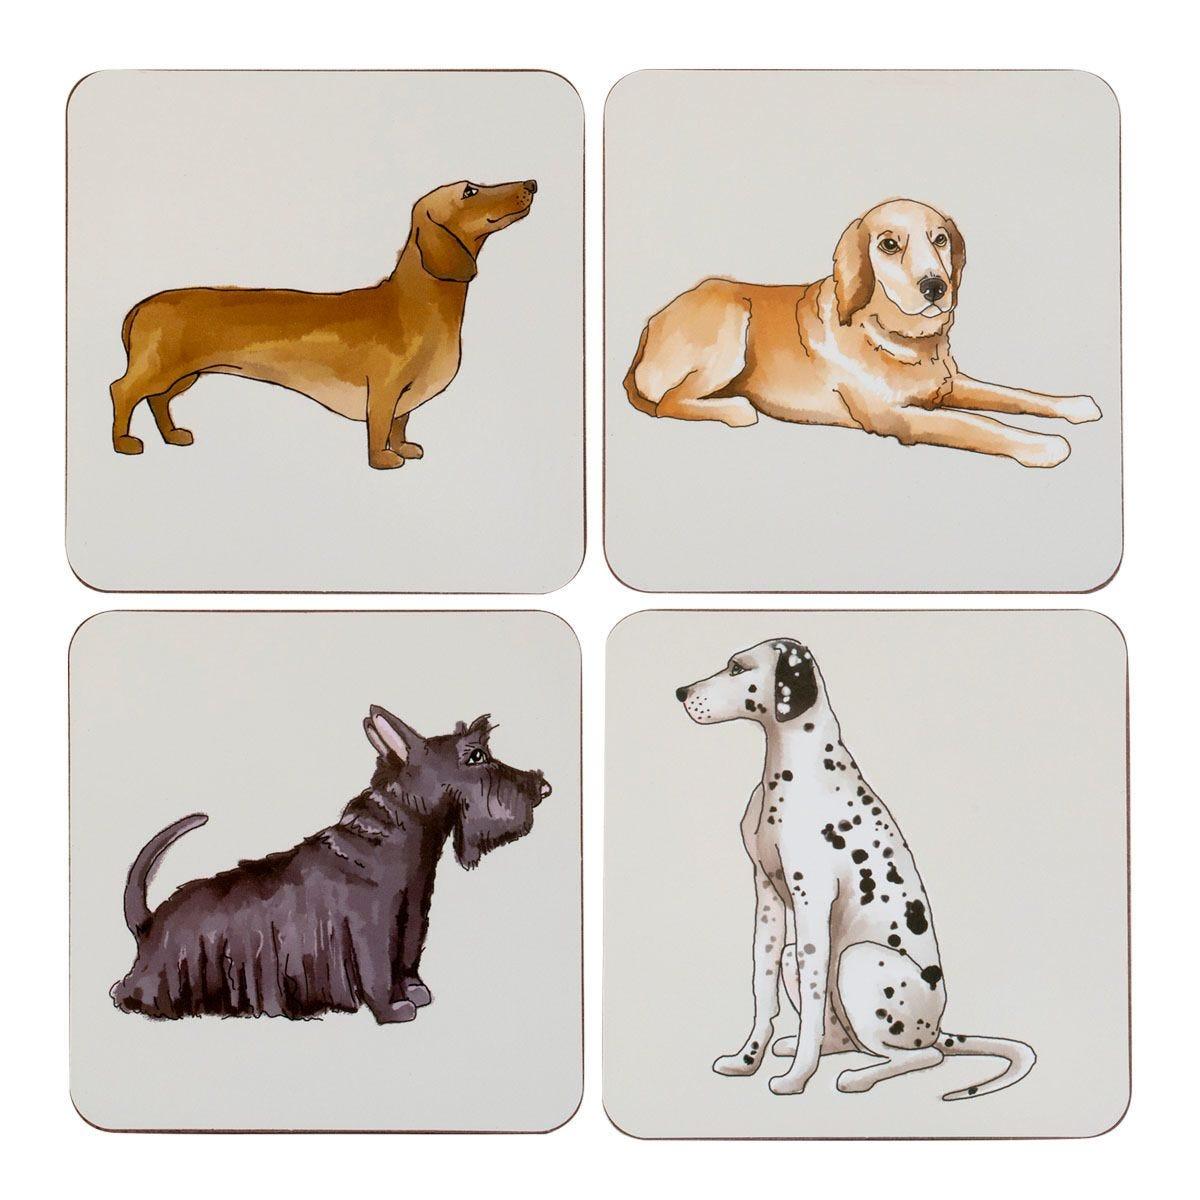 Dog Coasters - Set Of 4